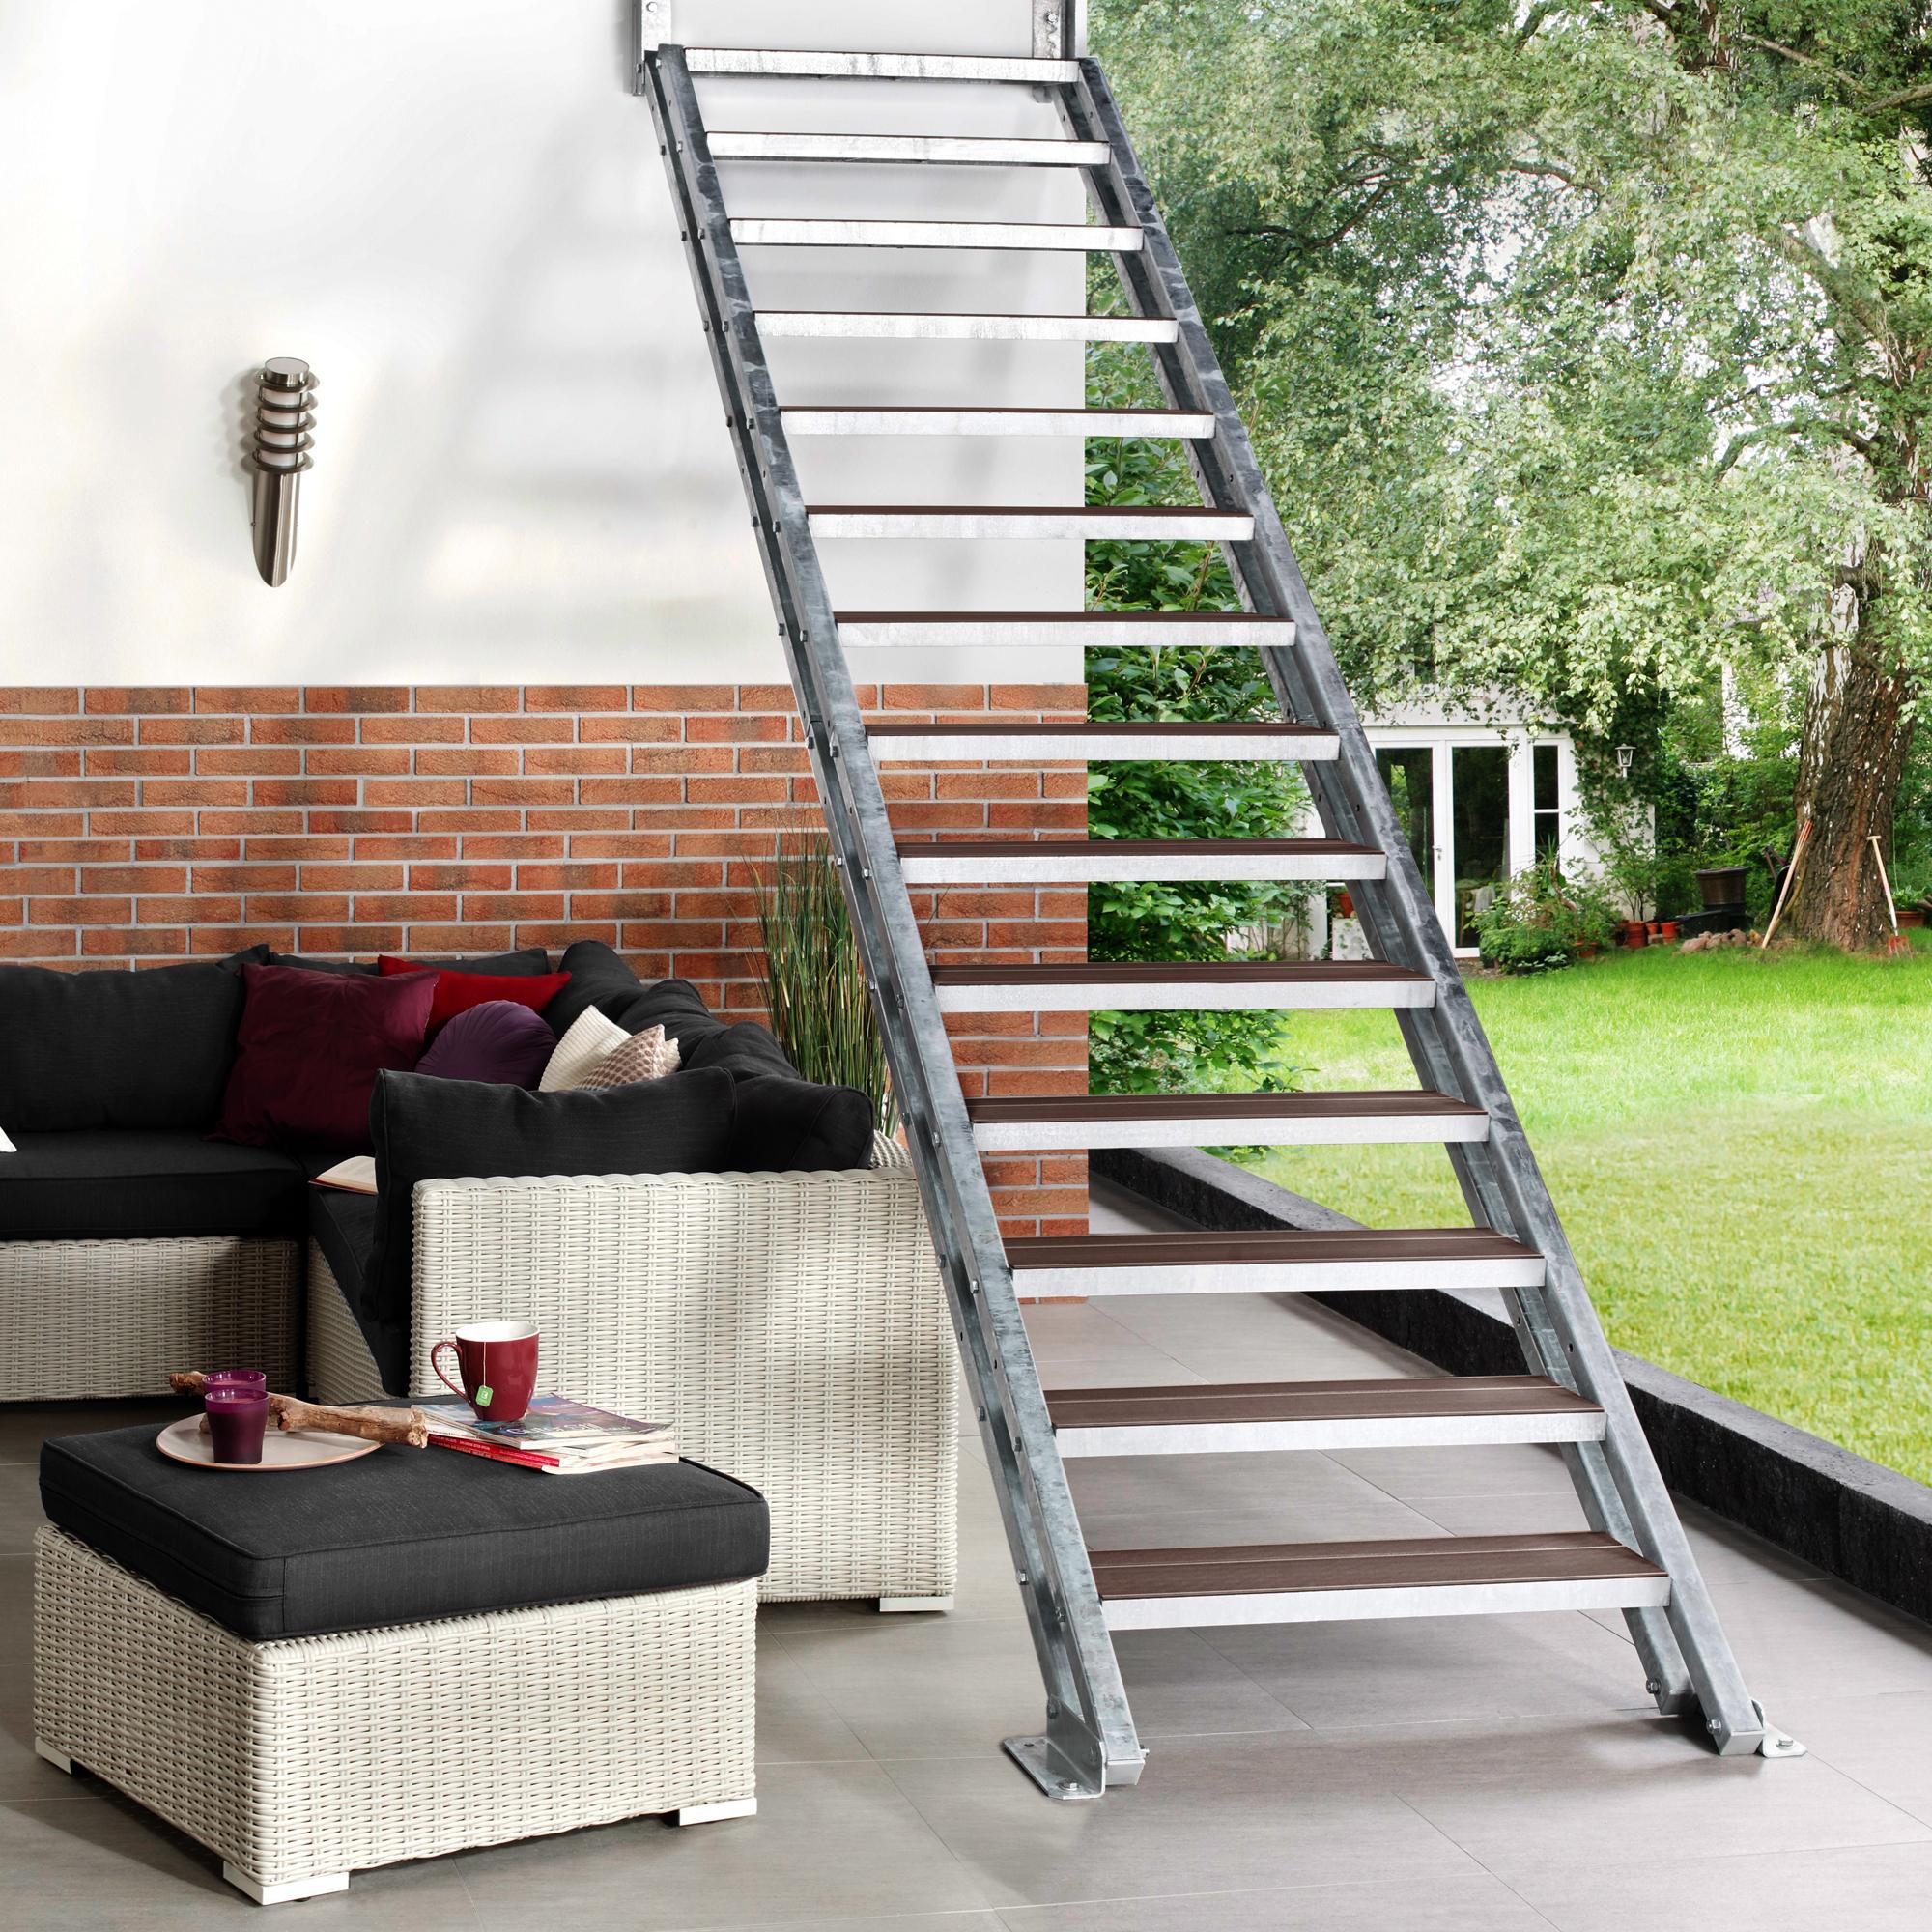 au entreppe zum selber bauen metalltreppe hollywood. Black Bedroom Furniture Sets. Home Design Ideas